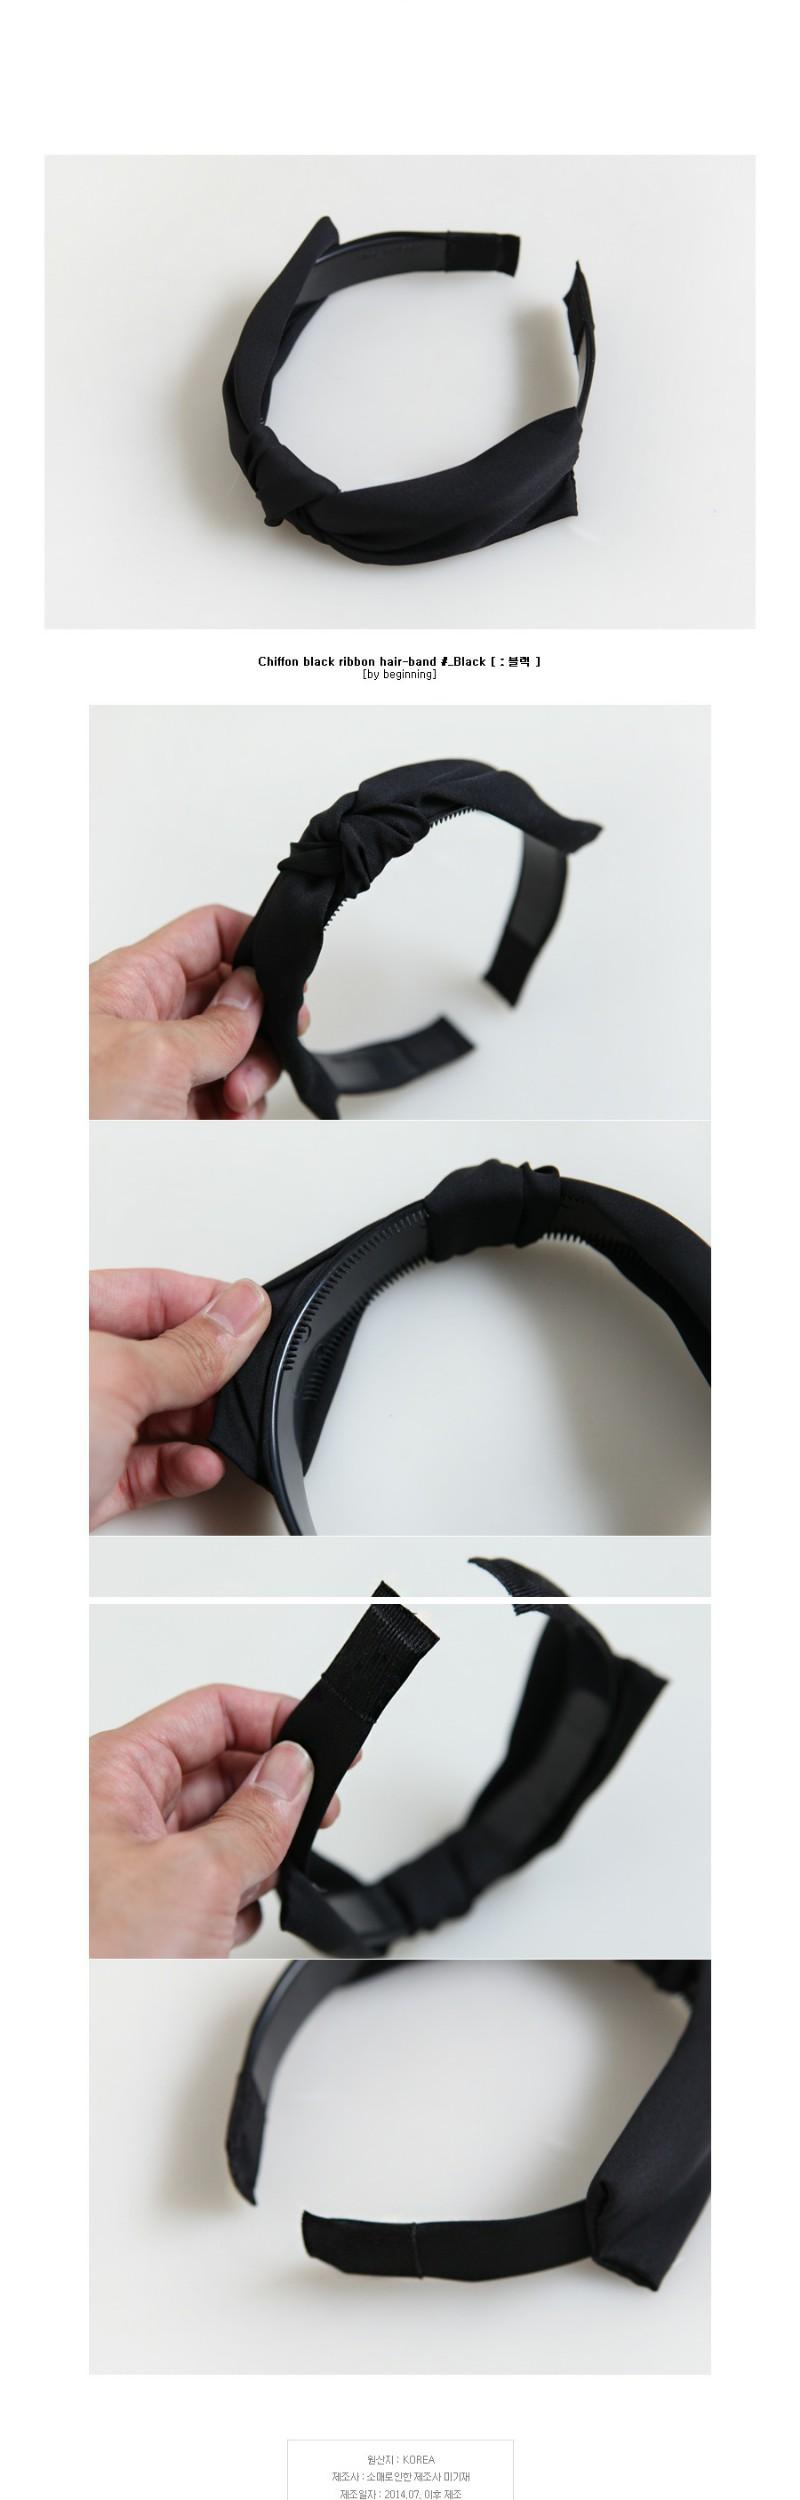 Chiffon black ribbon hair-band